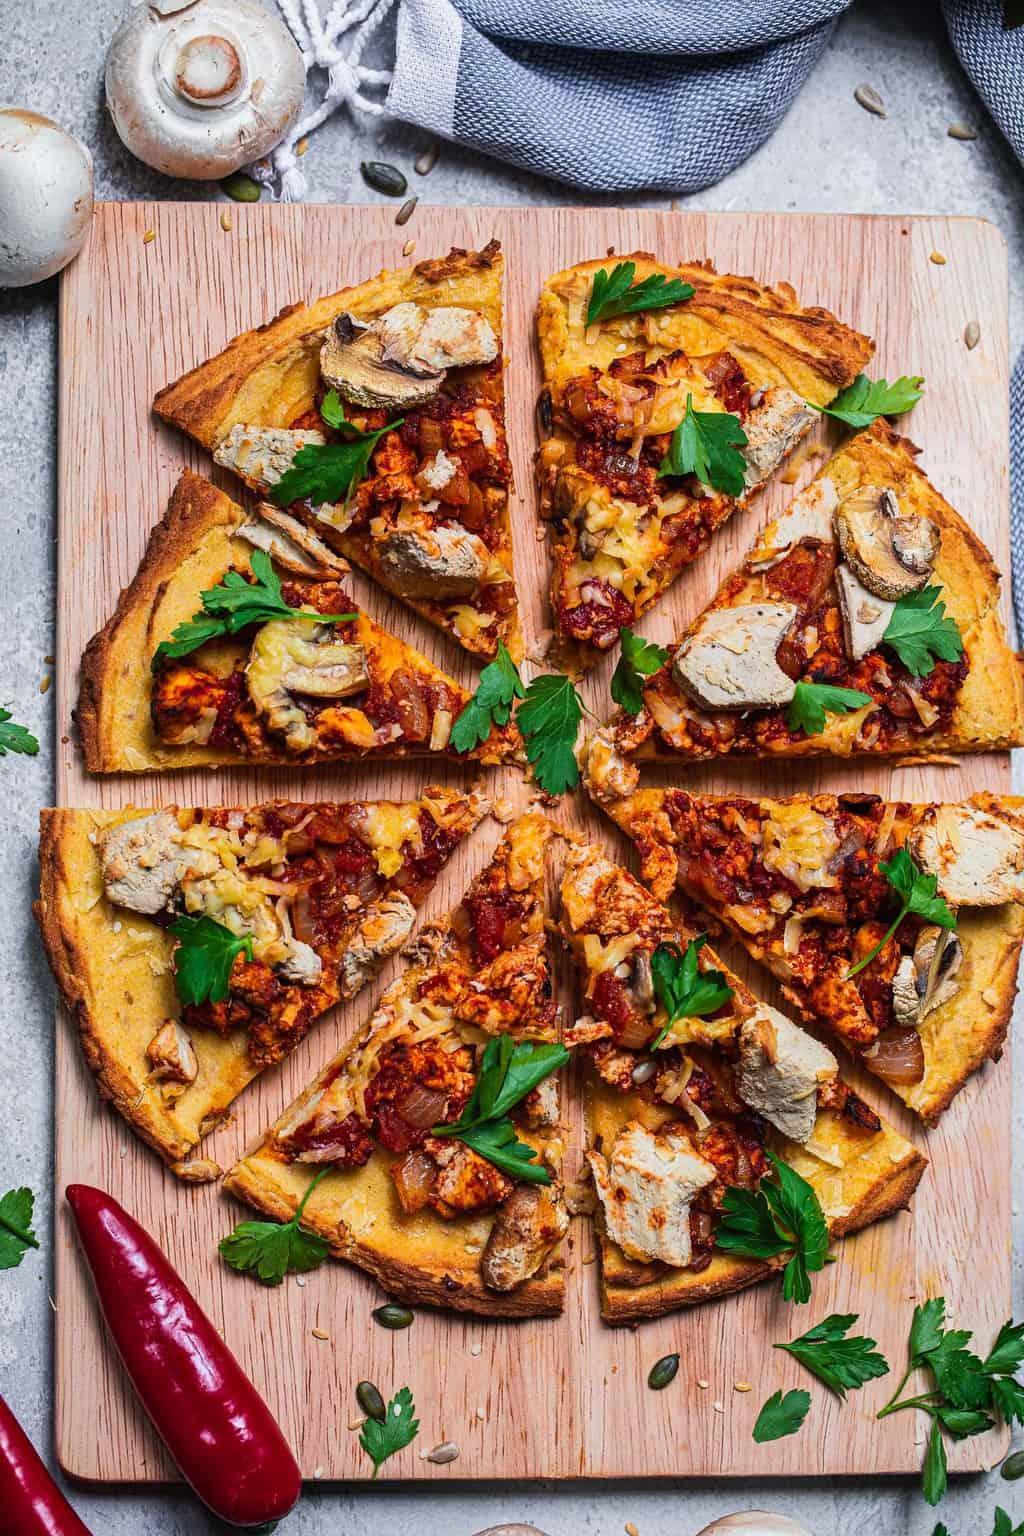 Meatless feast vegan pizza recipe gluten-free